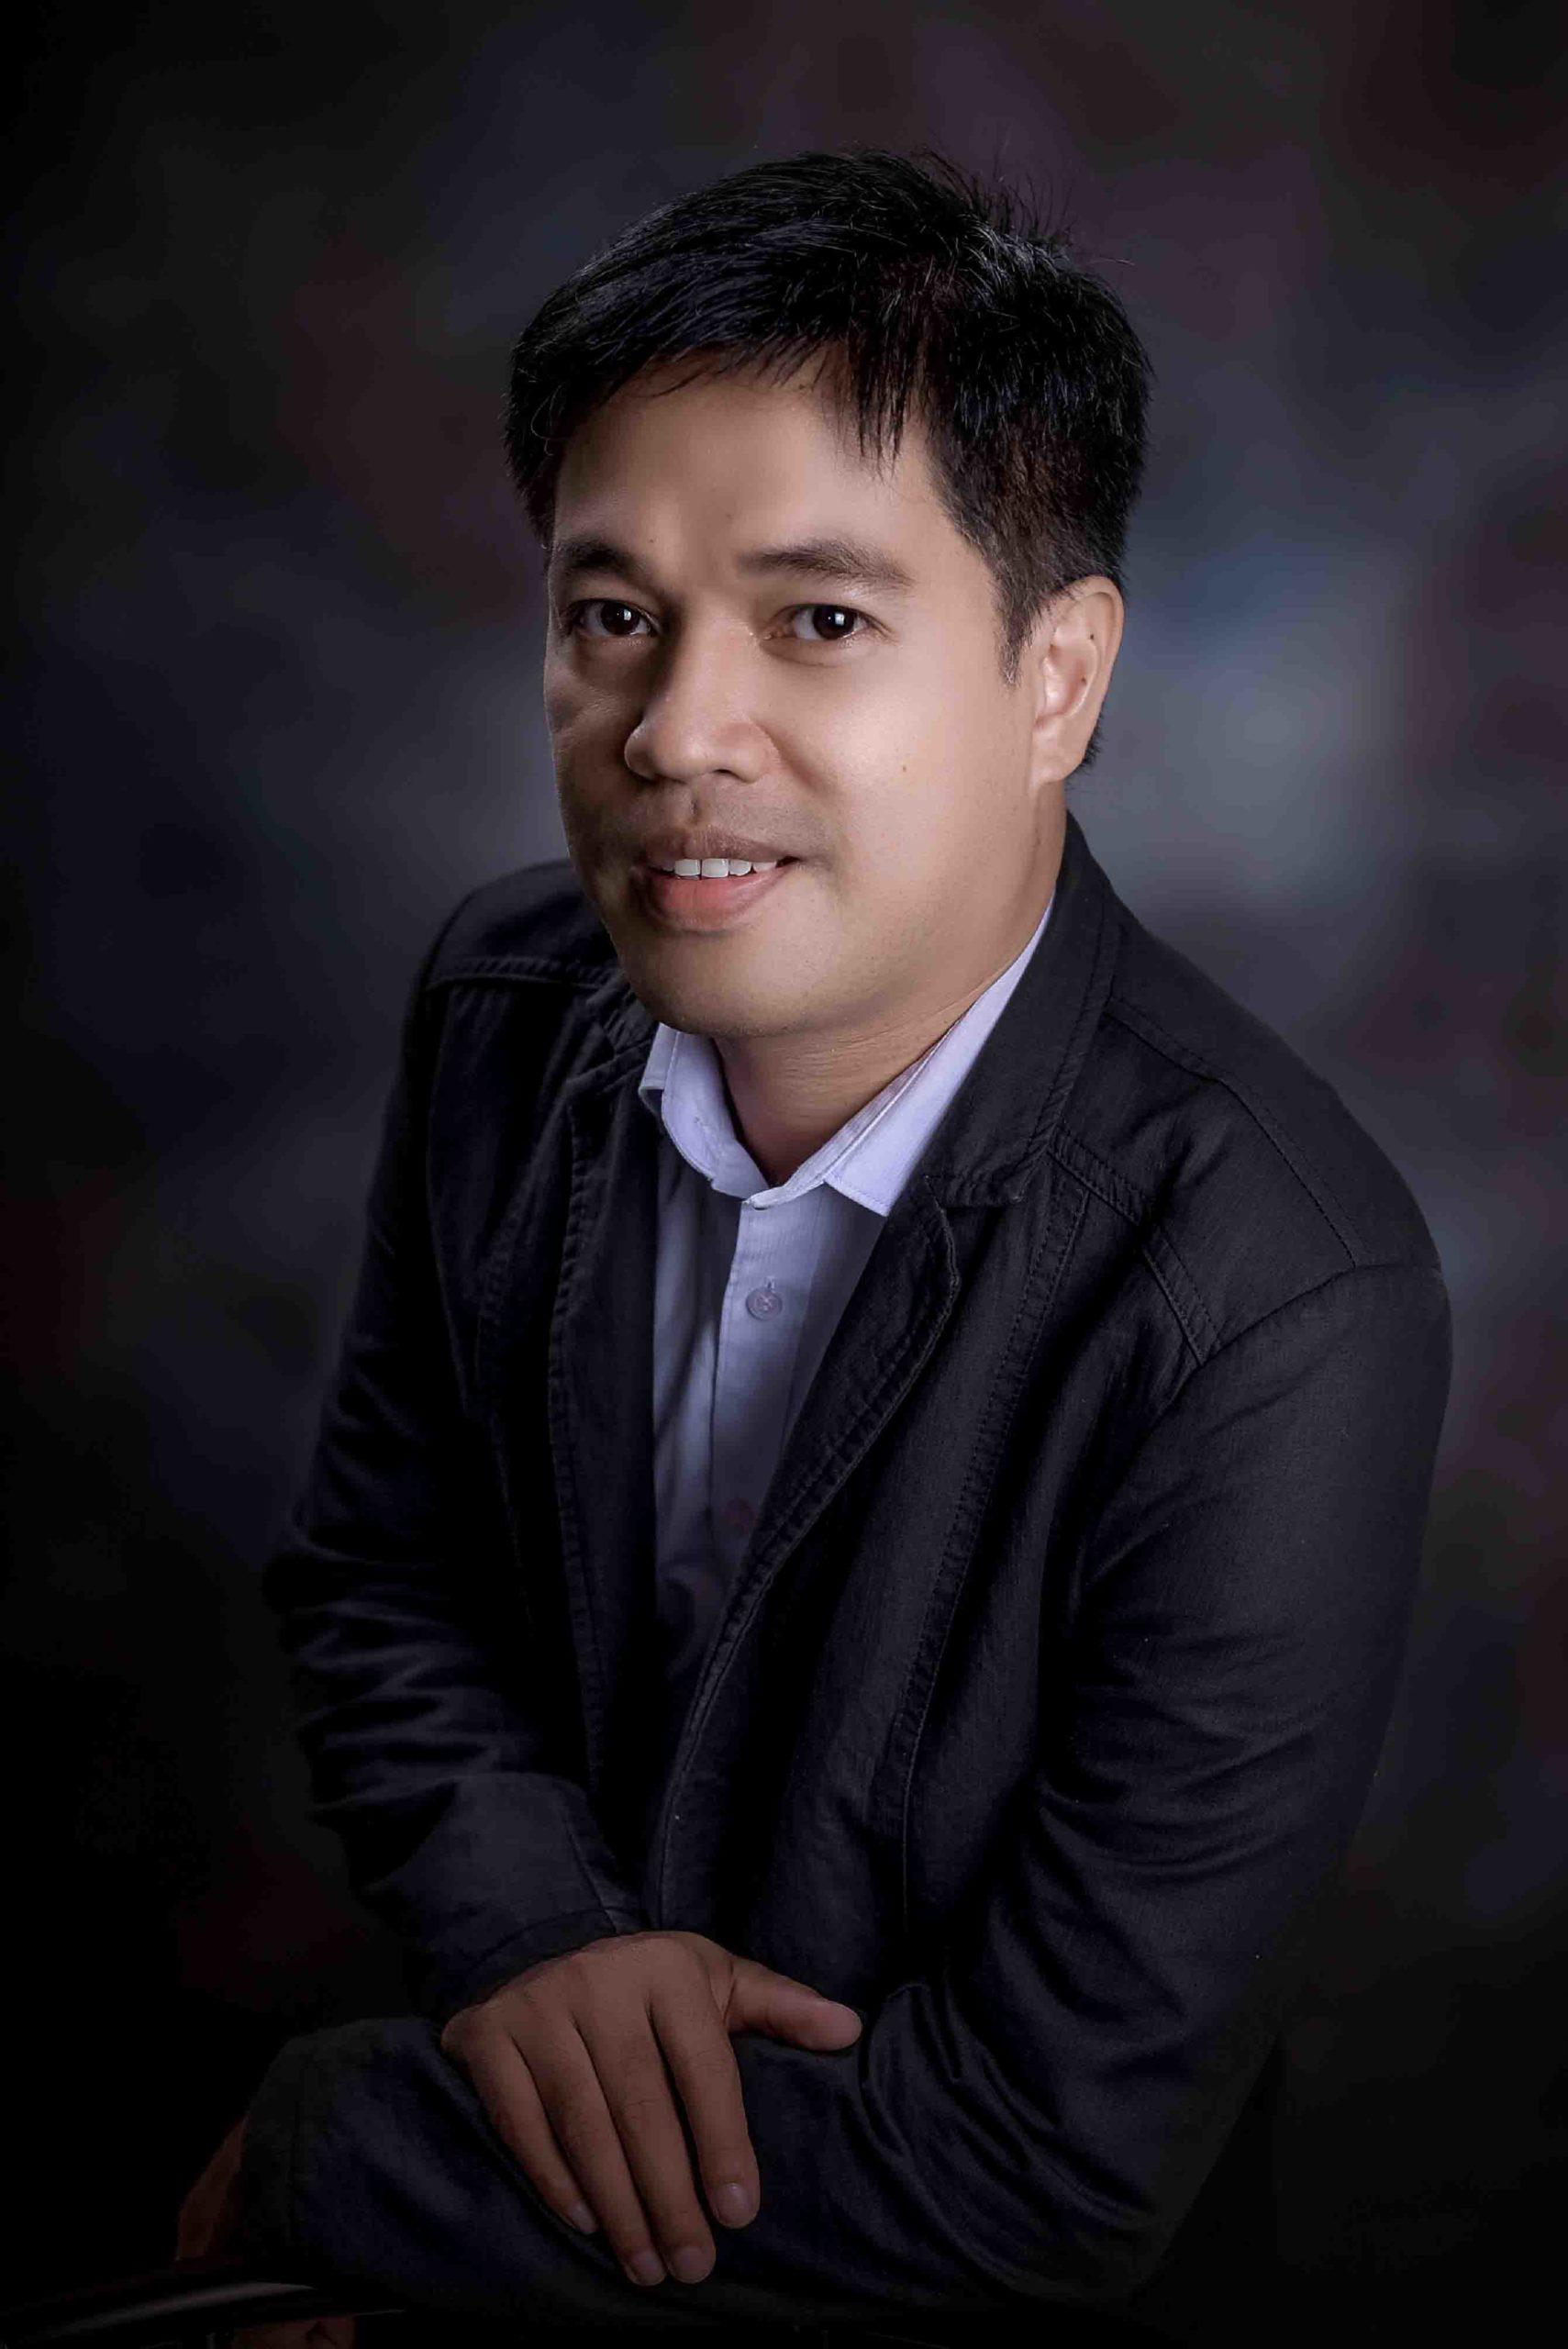 lloyd celeste jr.